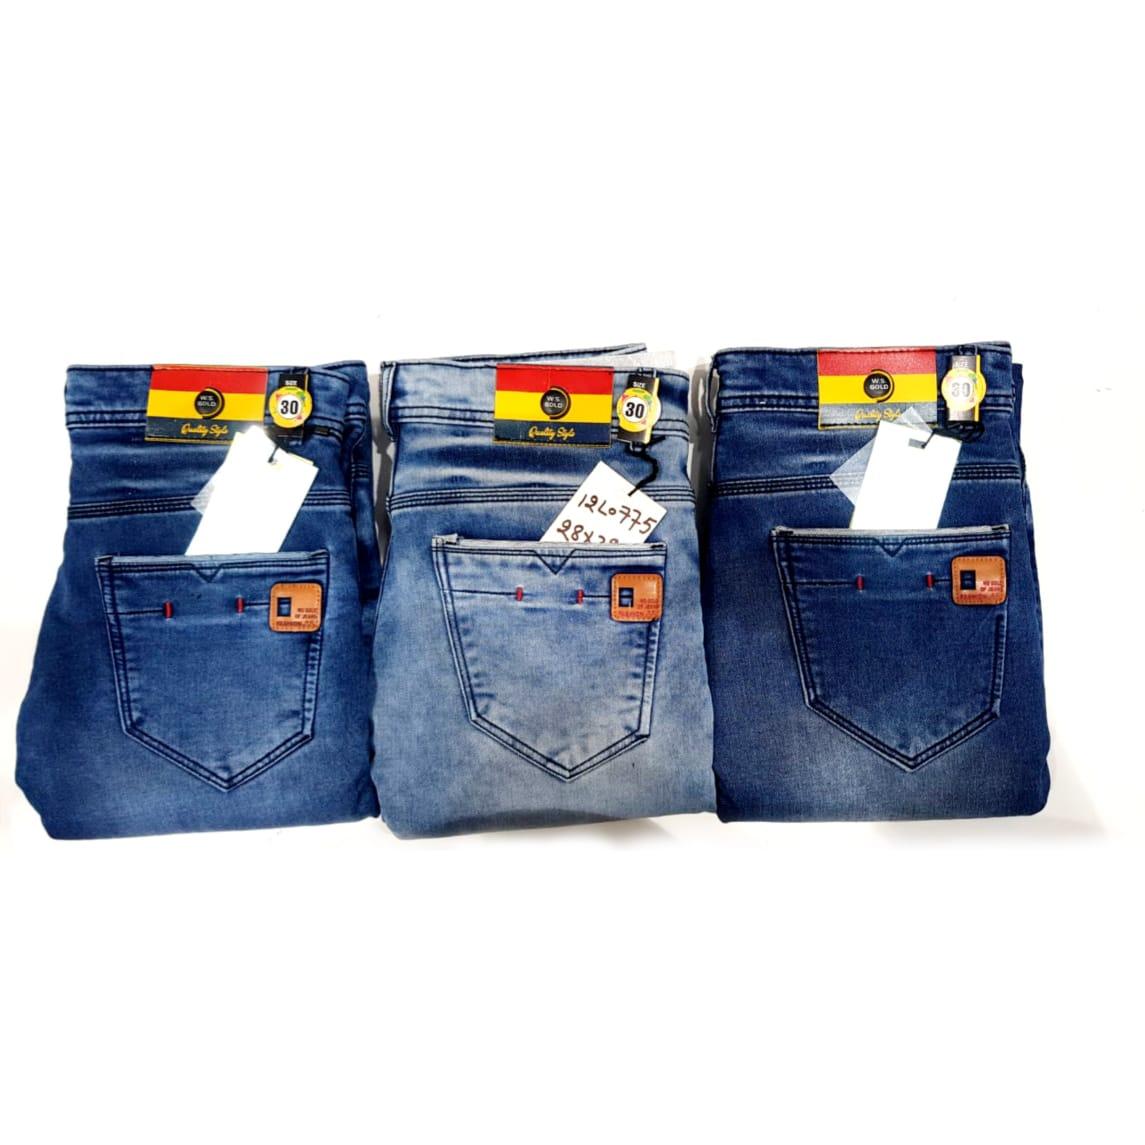 payal jeans sample -1